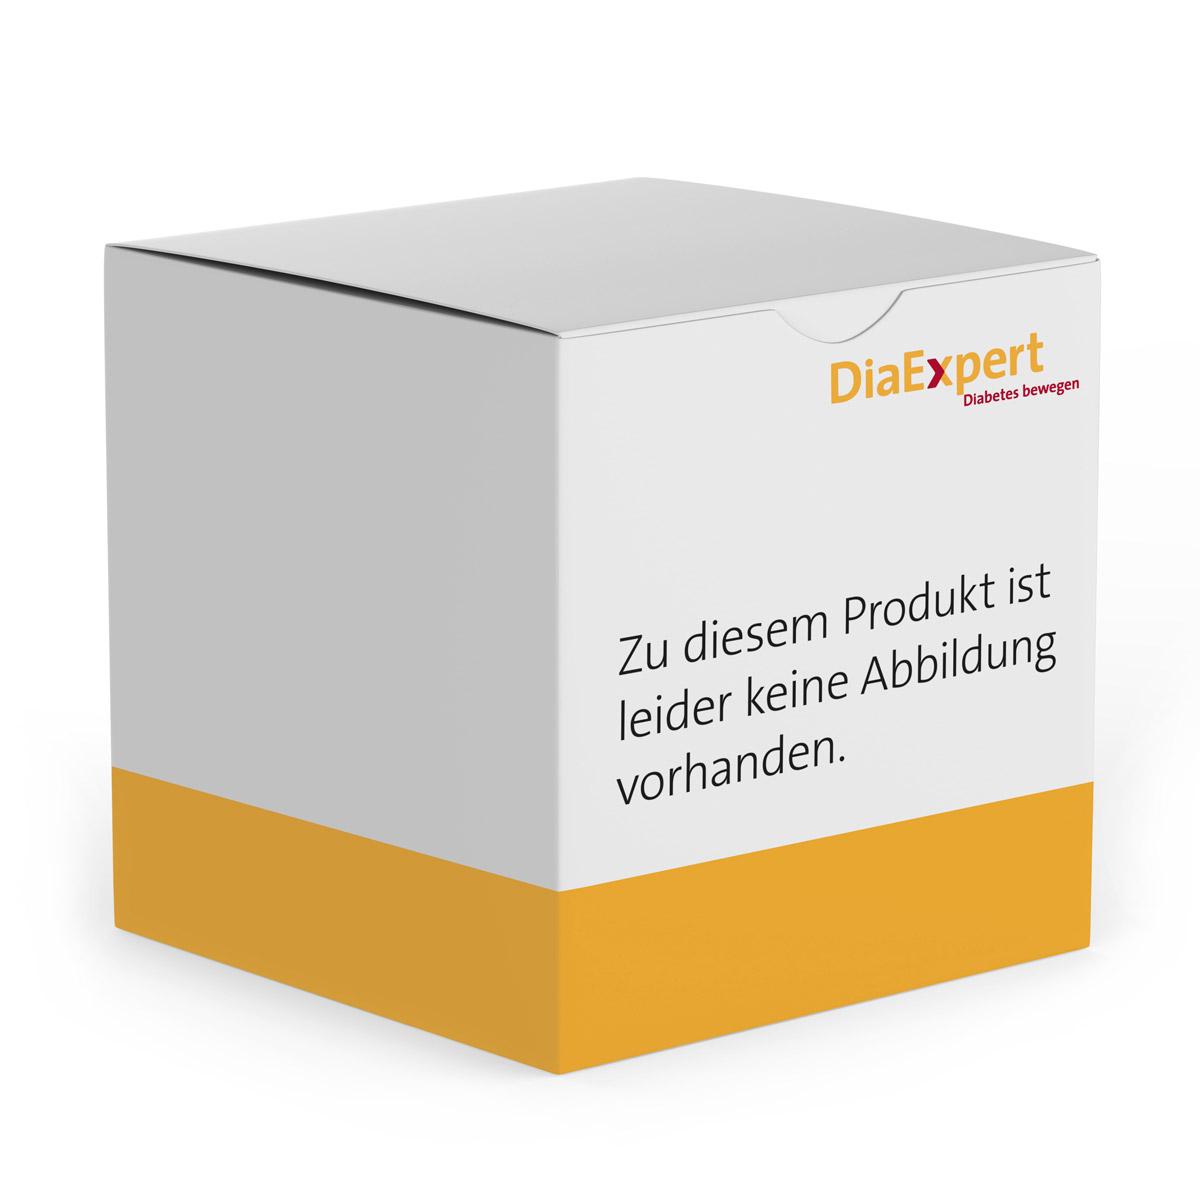 Frio-Kühltasche für Insulinpumpen 9 x 11 cm gelb